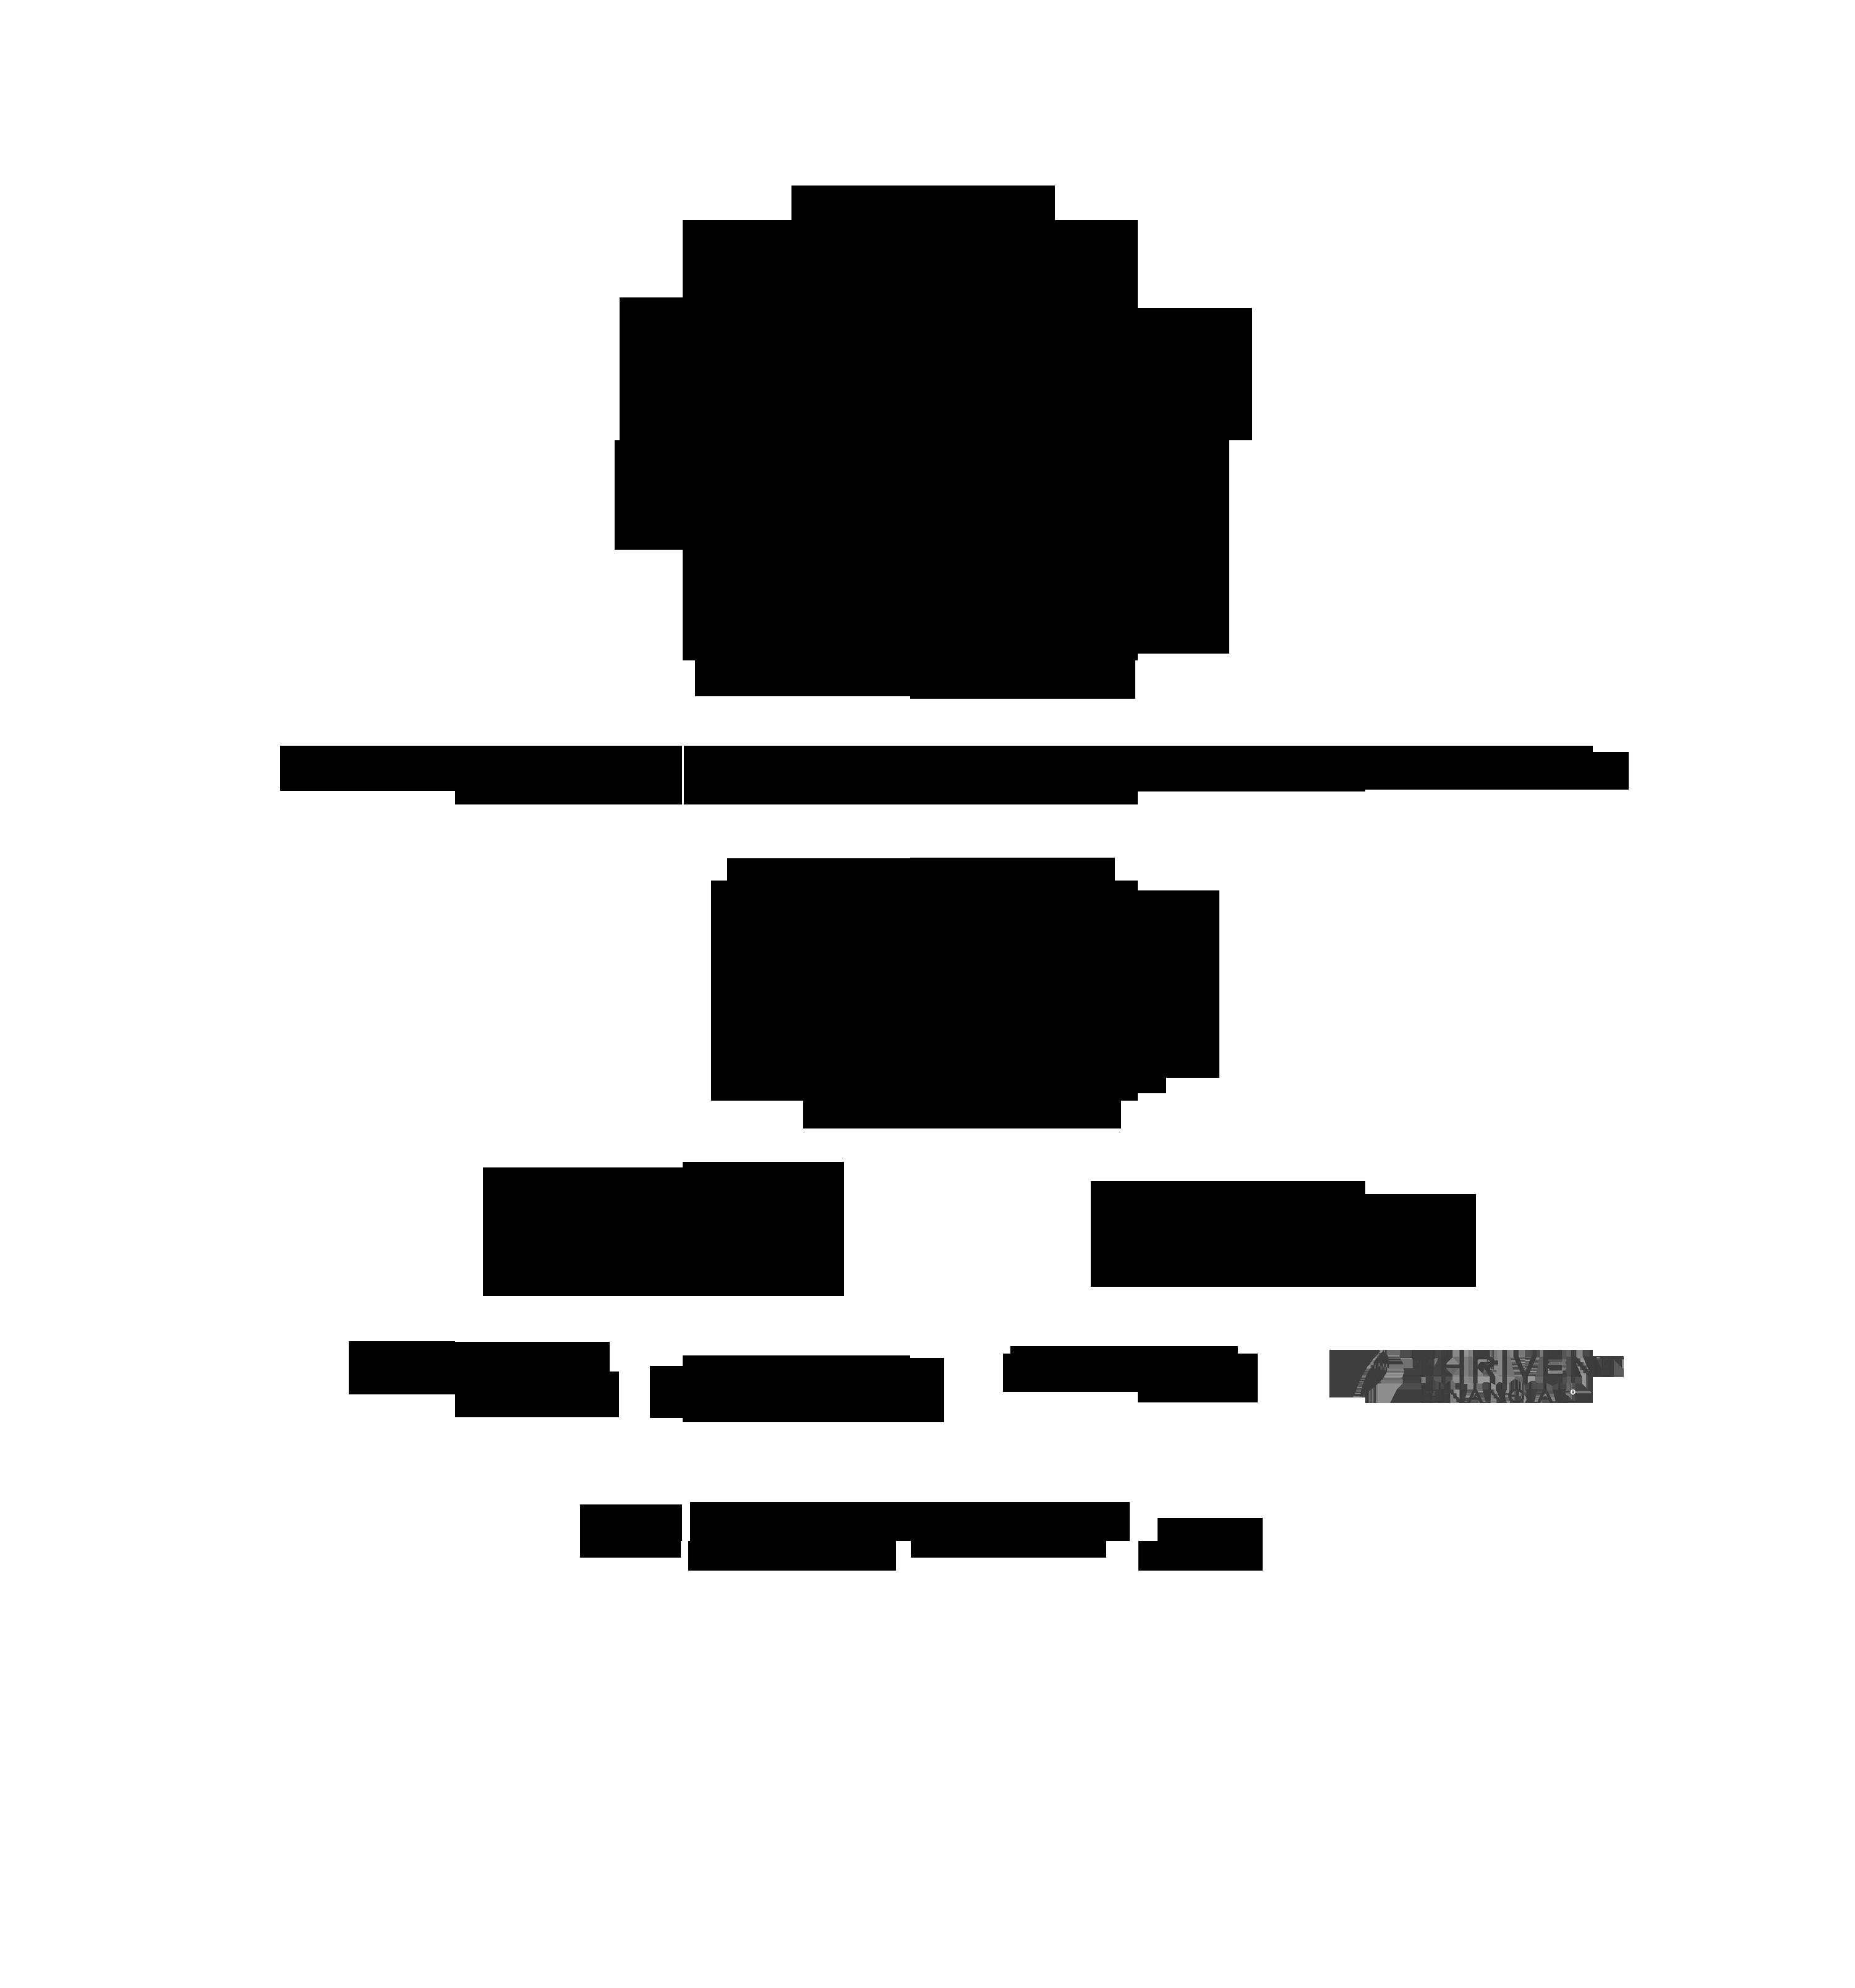 5f16127b5e68a.png